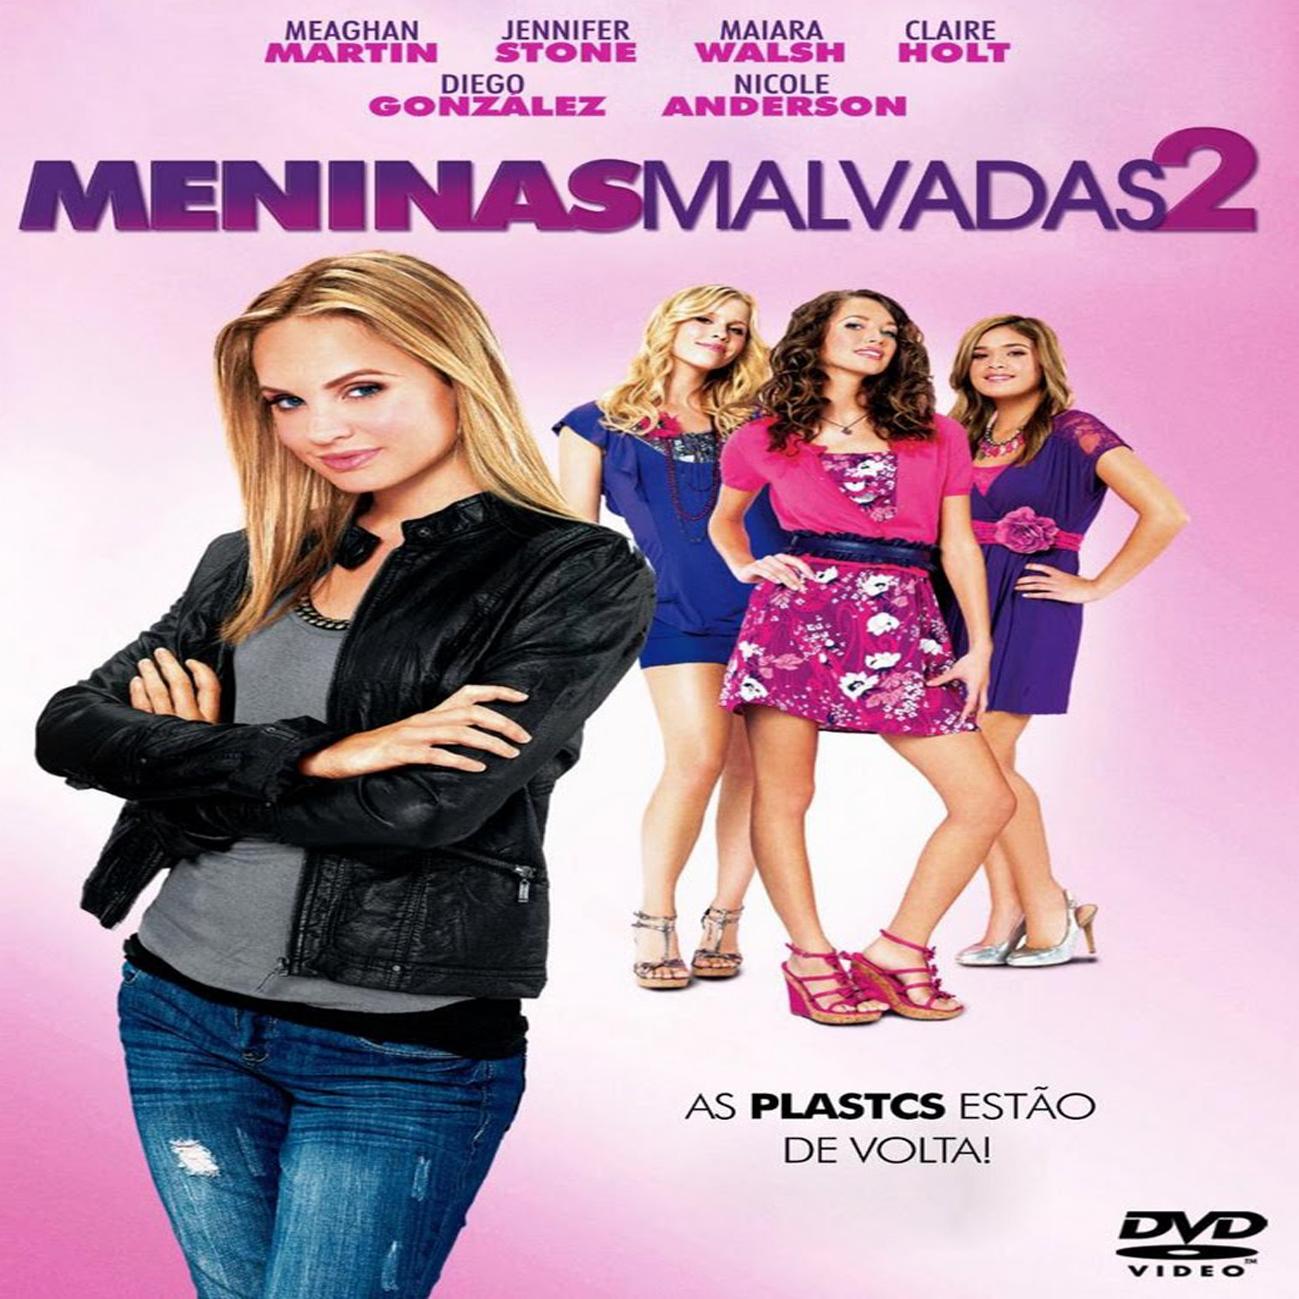 Assistir Meninas Malvadas 2 2011 Torrent Dublado 720p 1080p / Tela de Sucessos Online